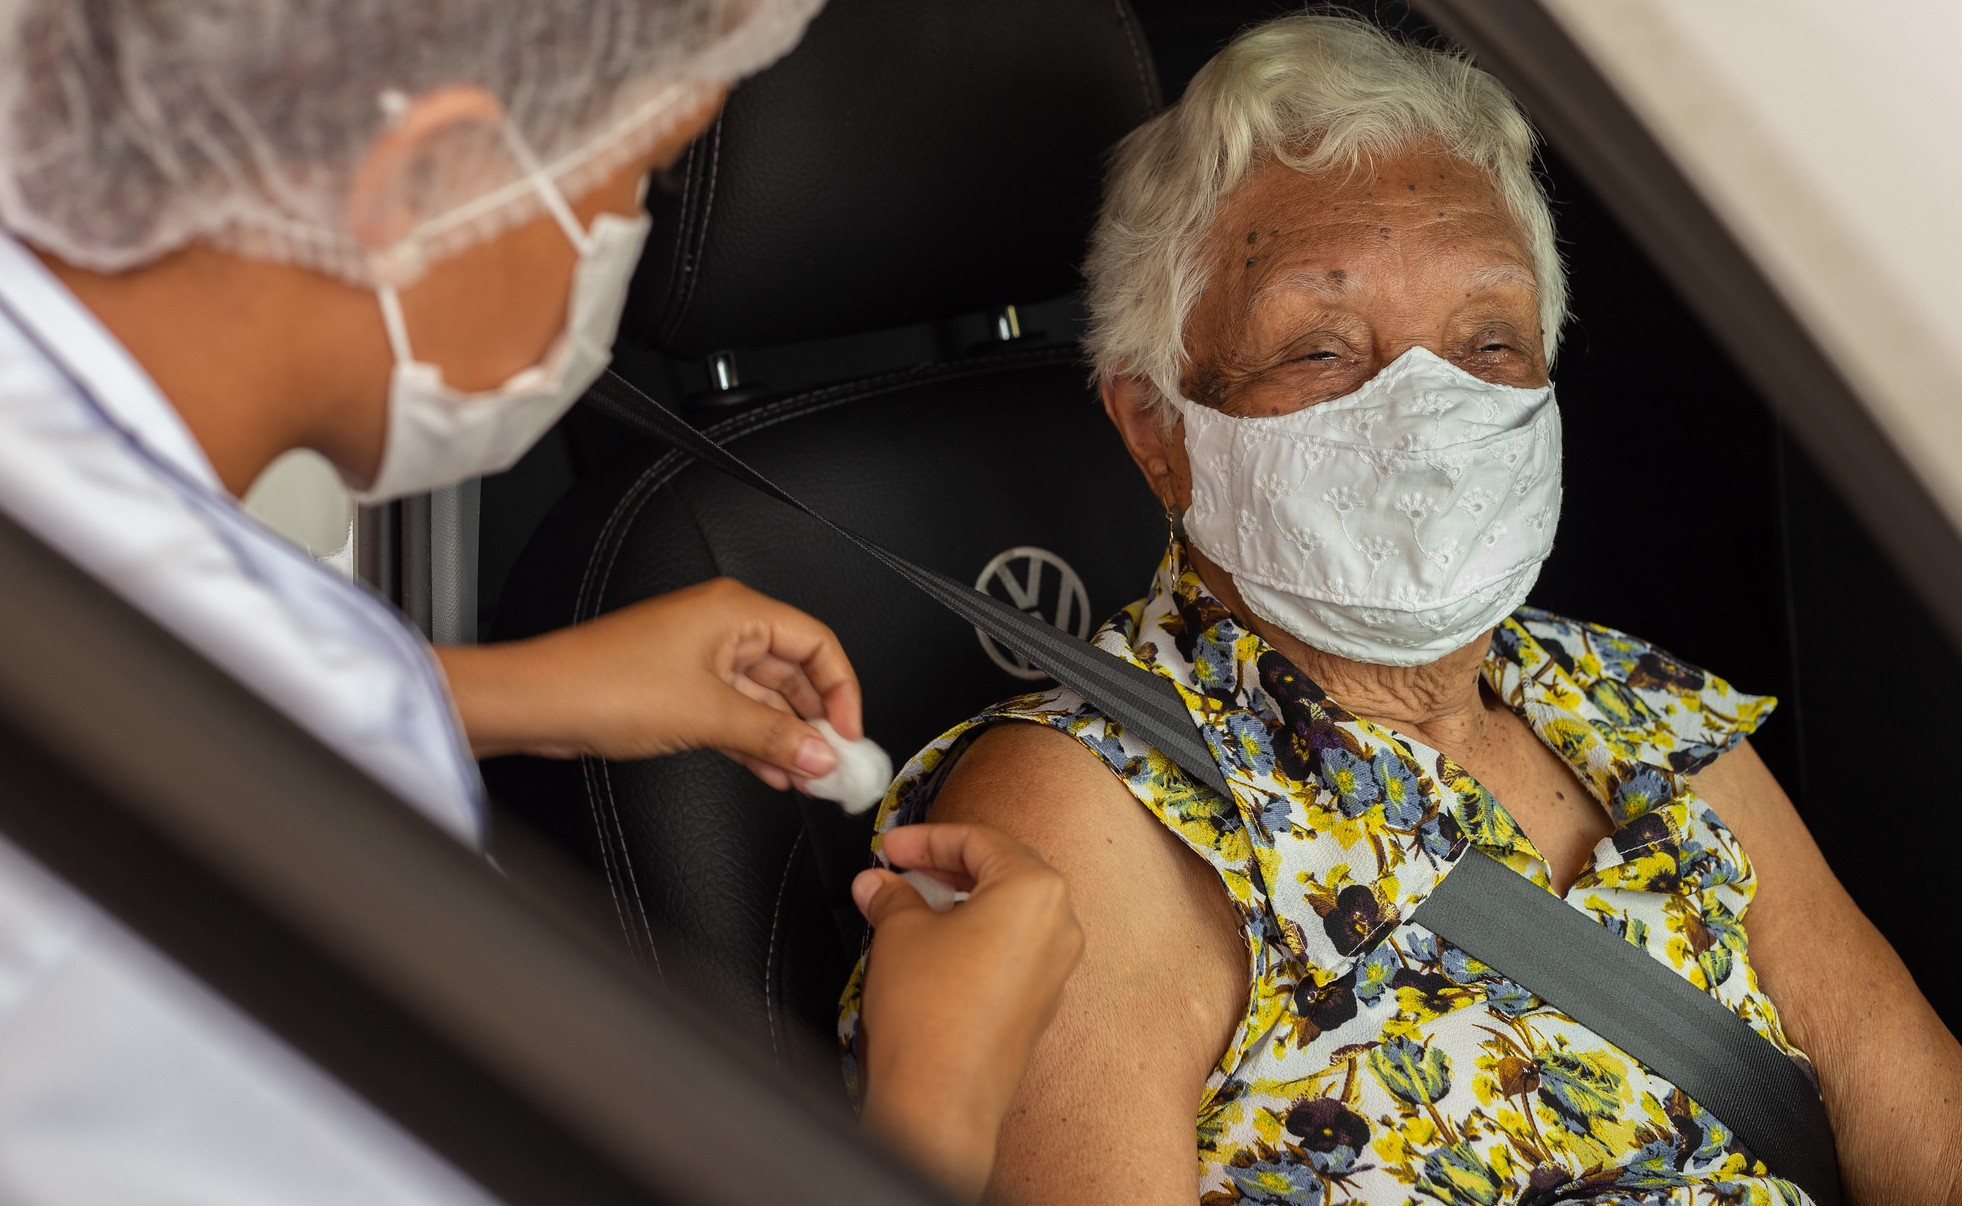 Pessoas com comorbidades acima de 18 anos serão vacinadas contra Covid-19 em Lauro de Freitas na sexta; veja grupo prioritário